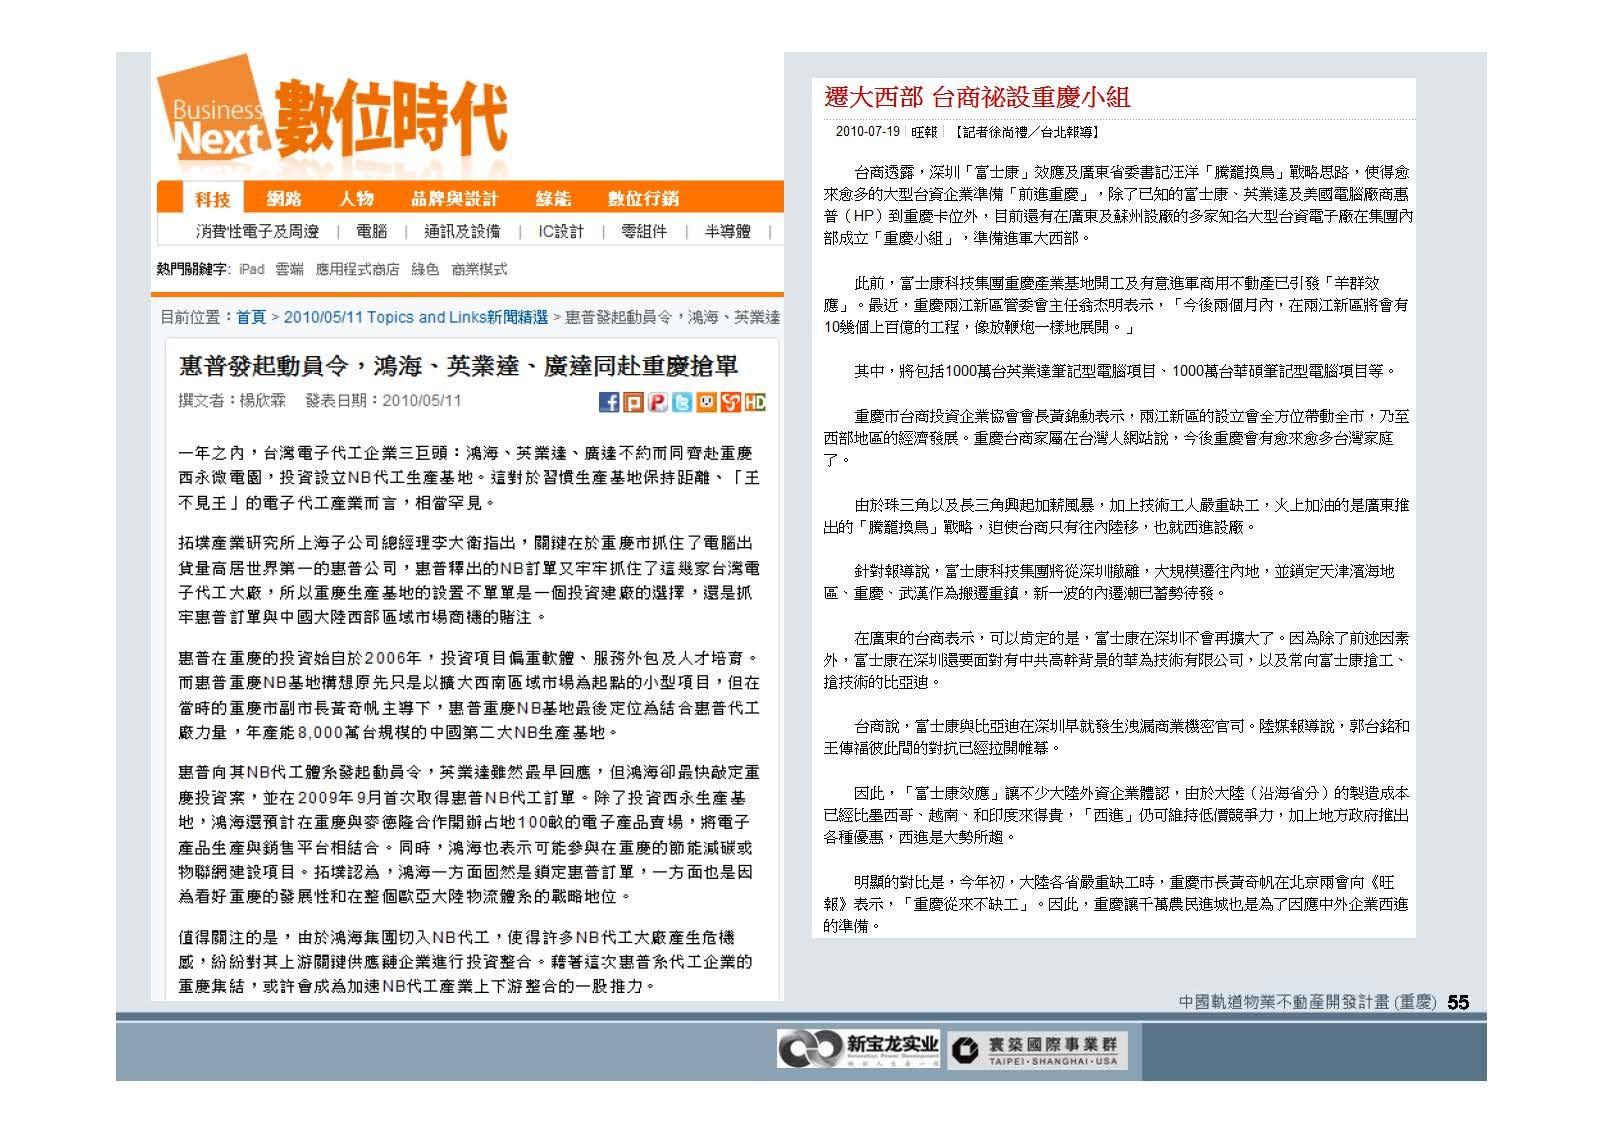 20100812-中國軌道物業不動產開發計畫(重慶)_頁面_56